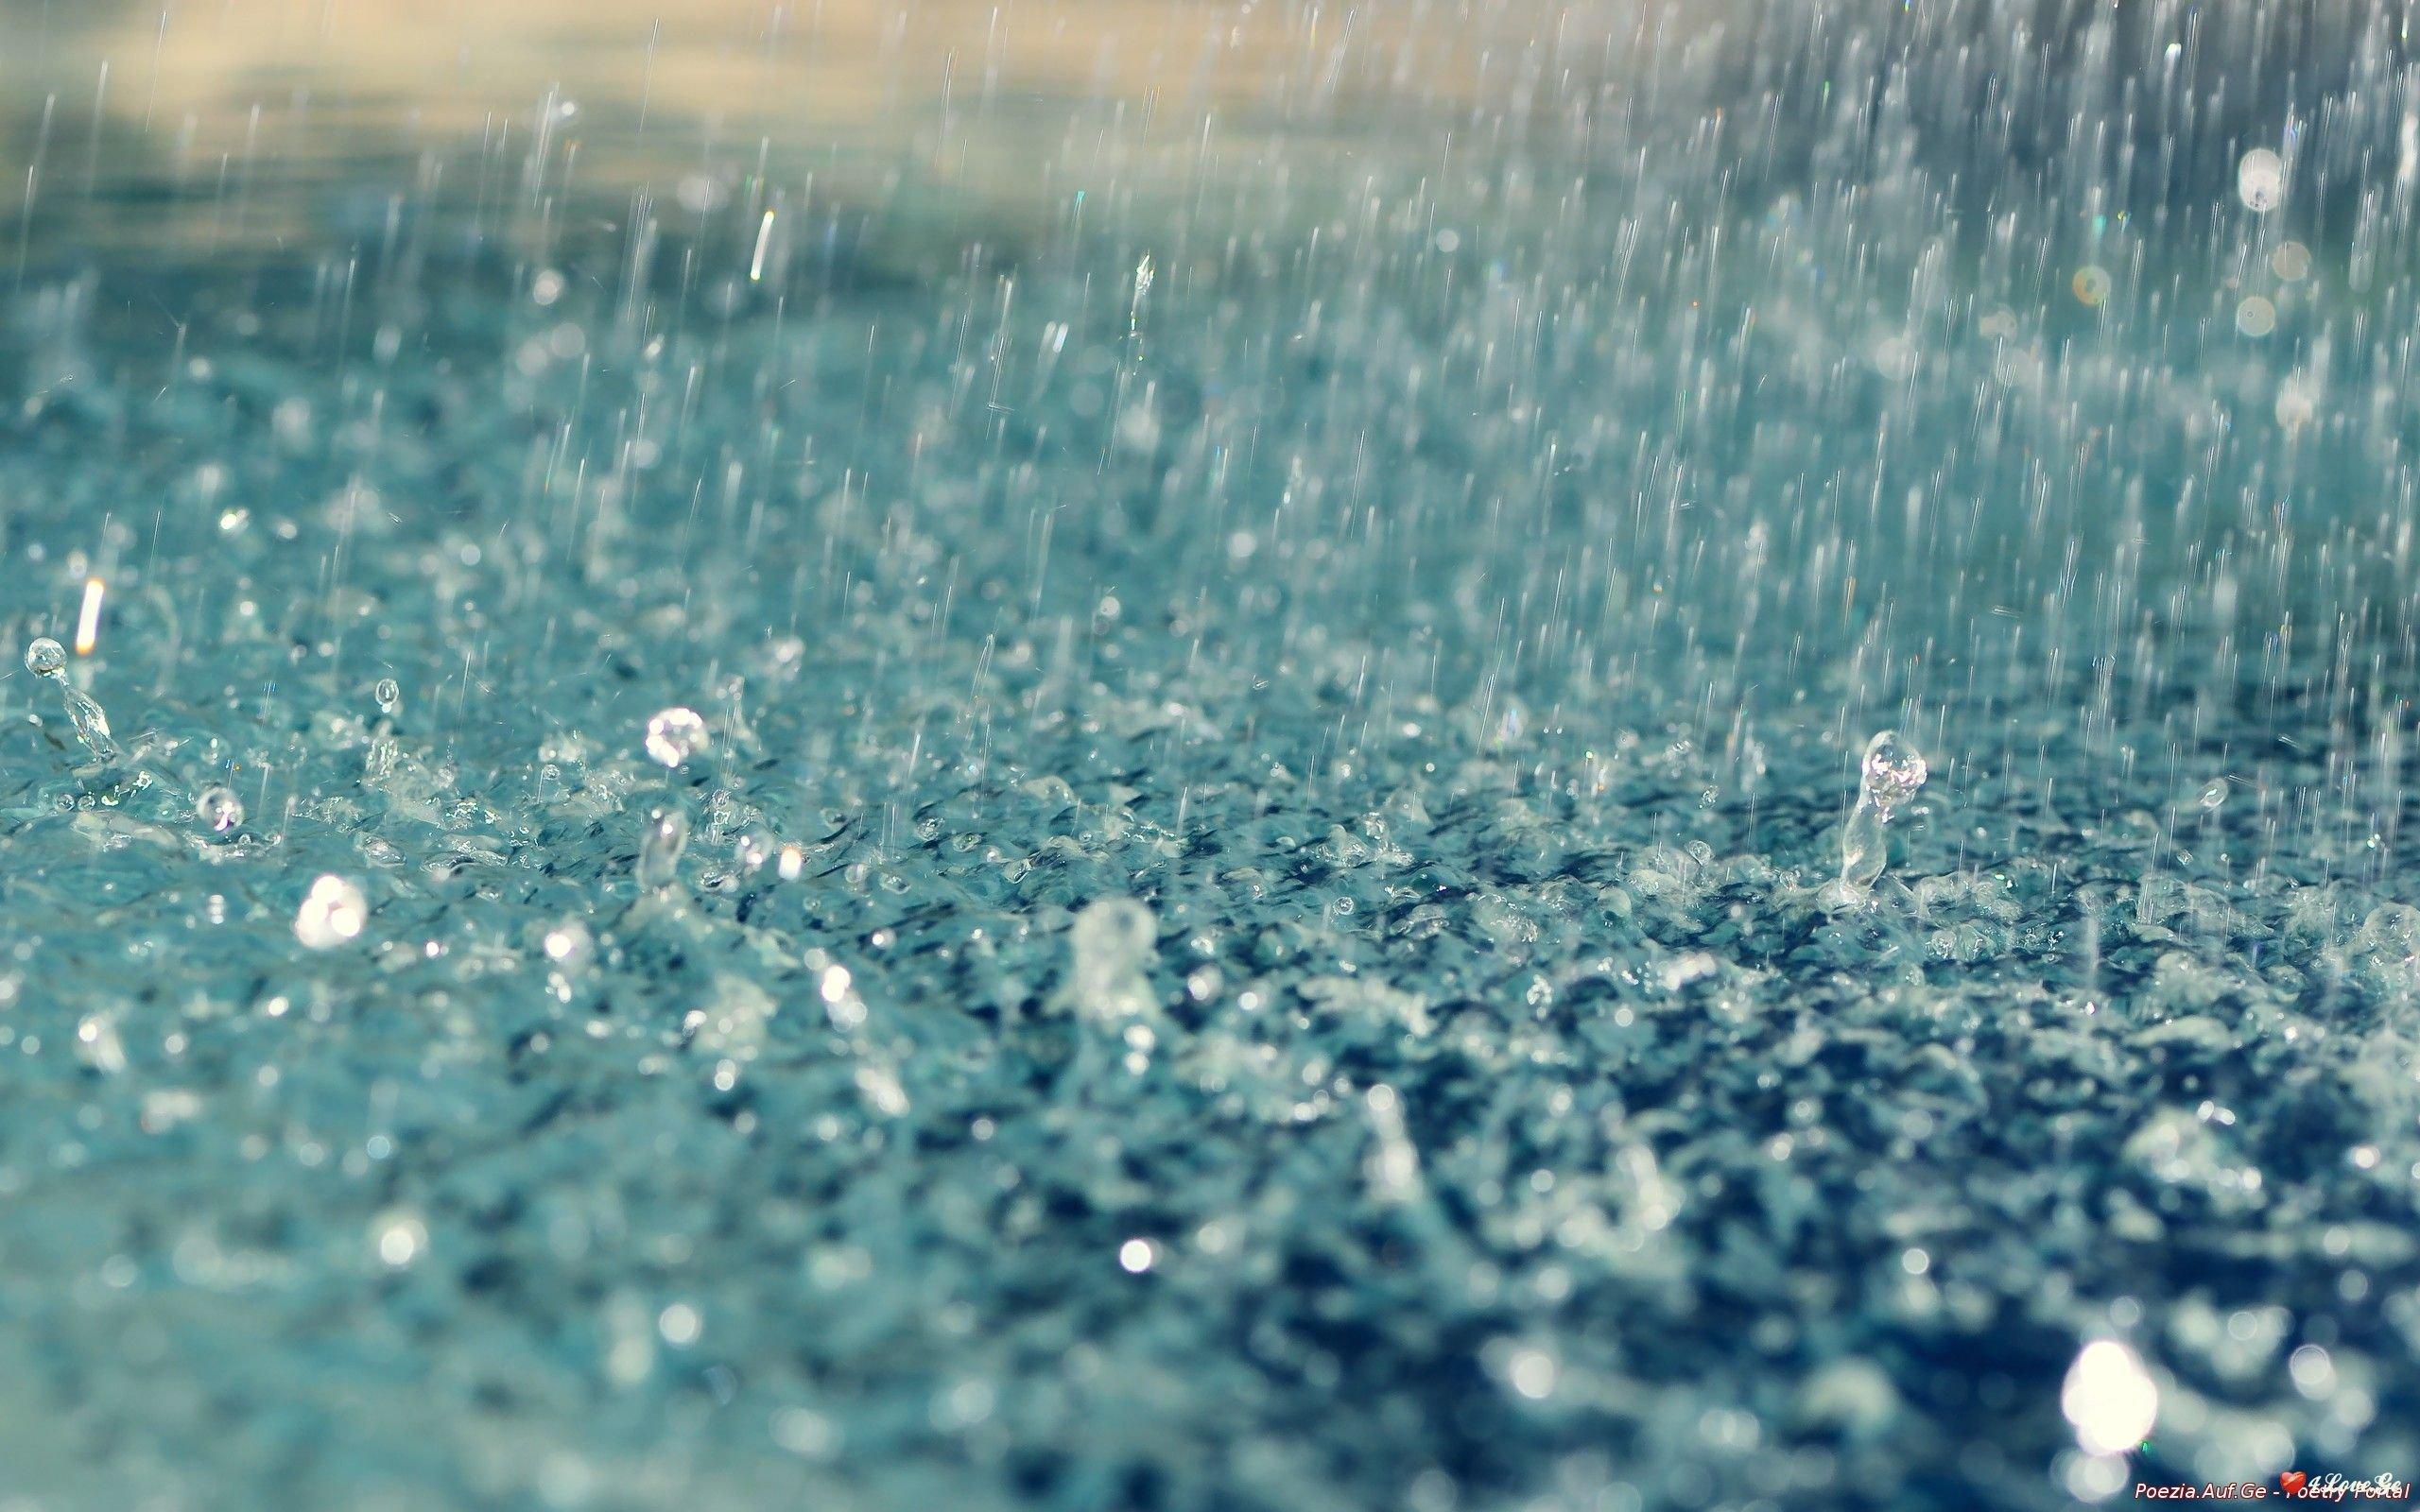 კოკისპირული წვიმა